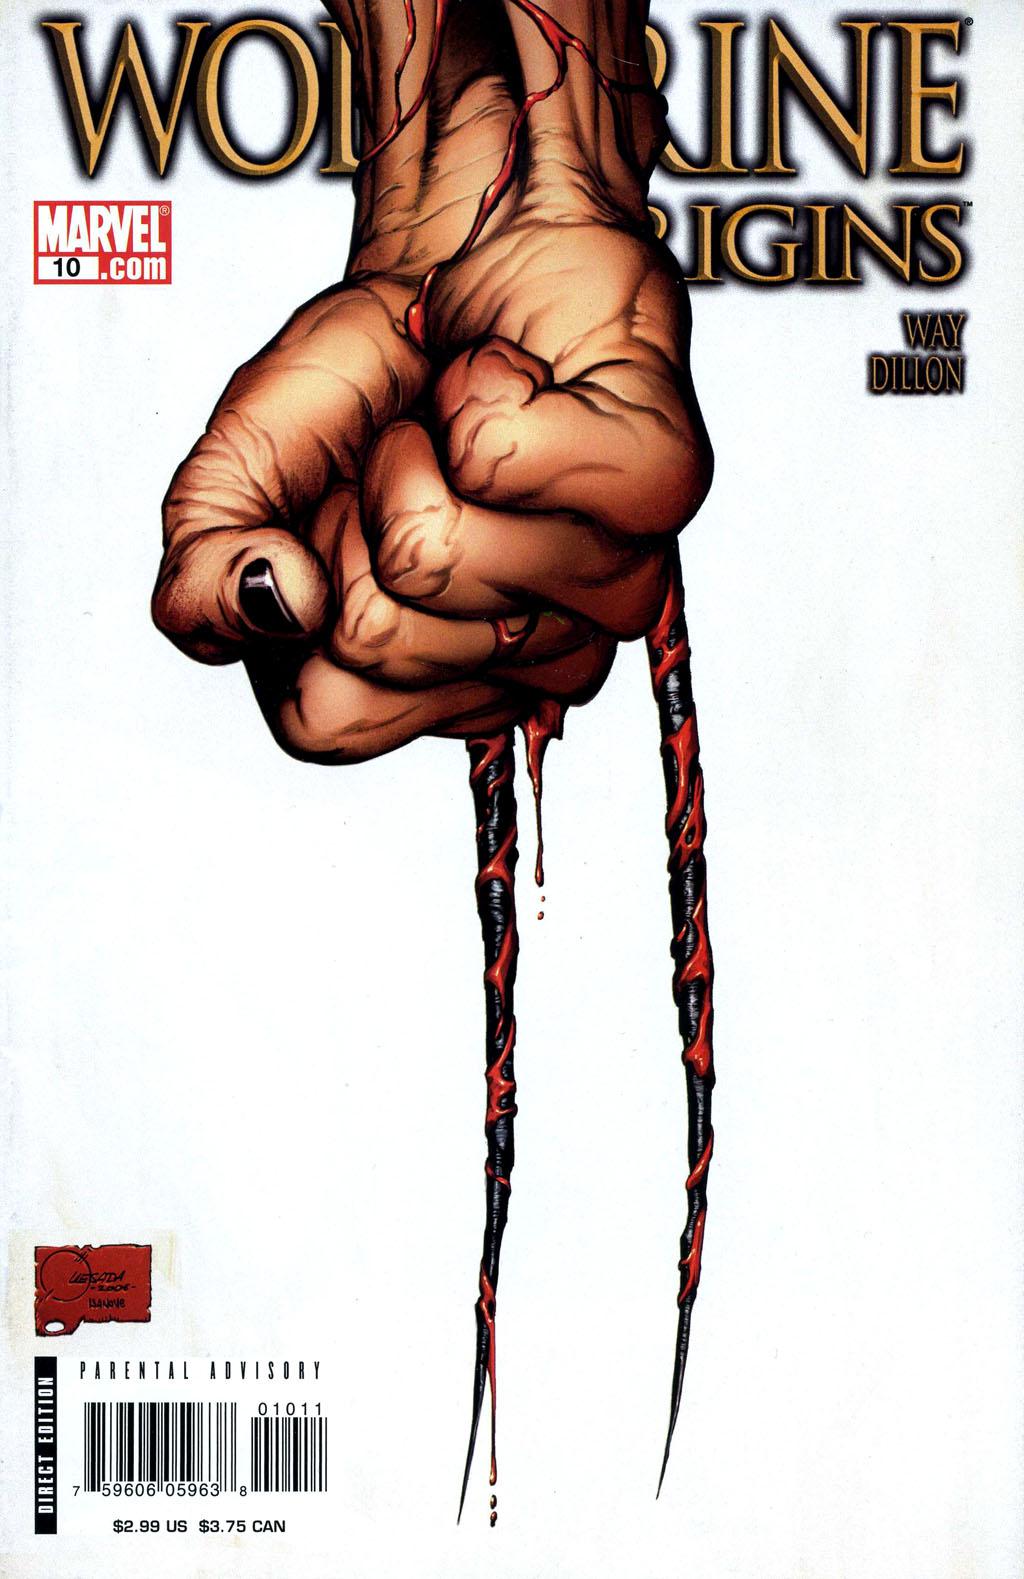 Read online Wolverine: Origins comic -  Issue #10 - 1